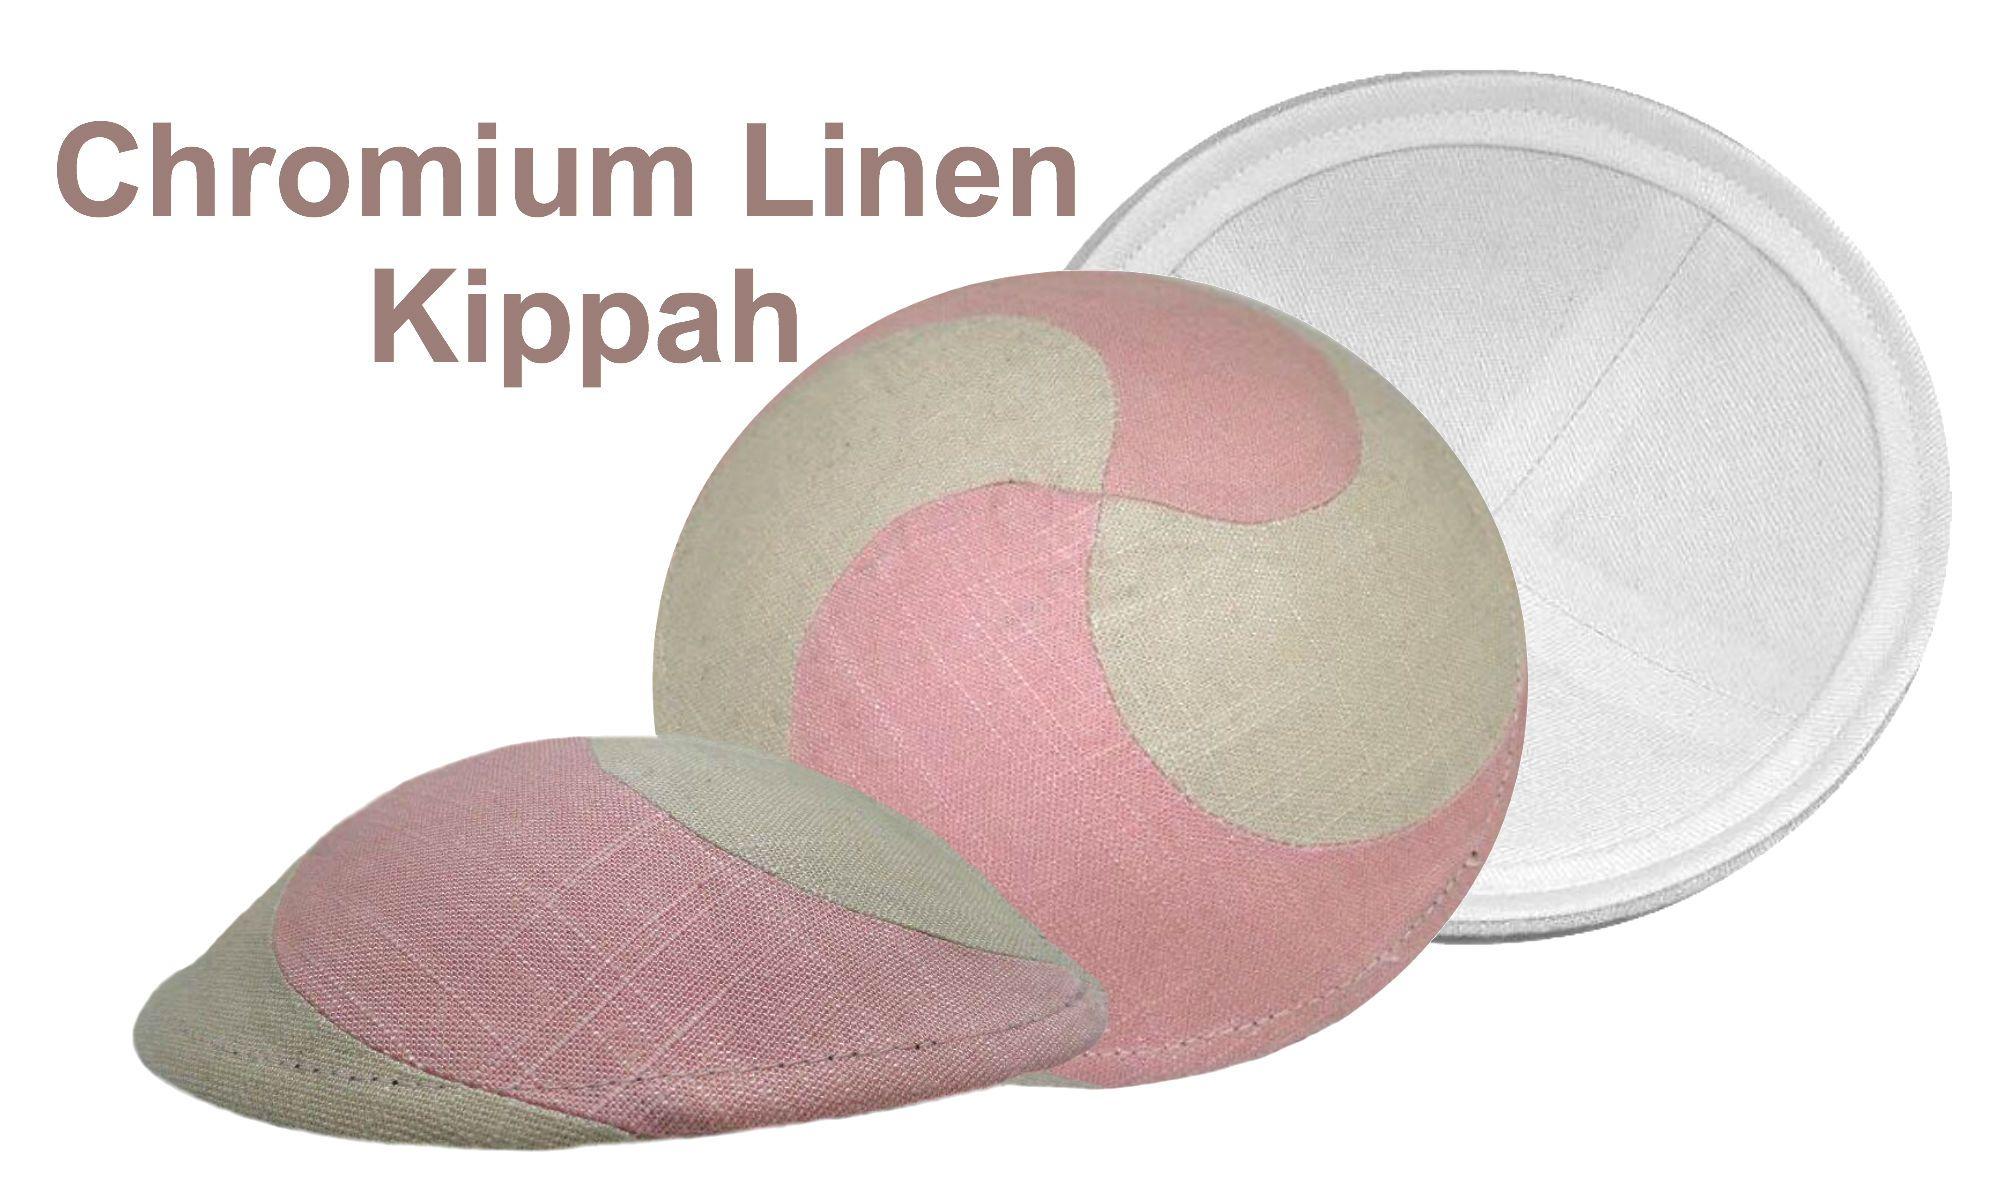 Linen Kippot wedding | Jewish Wedding | Pinterest | Linens and Bat ...